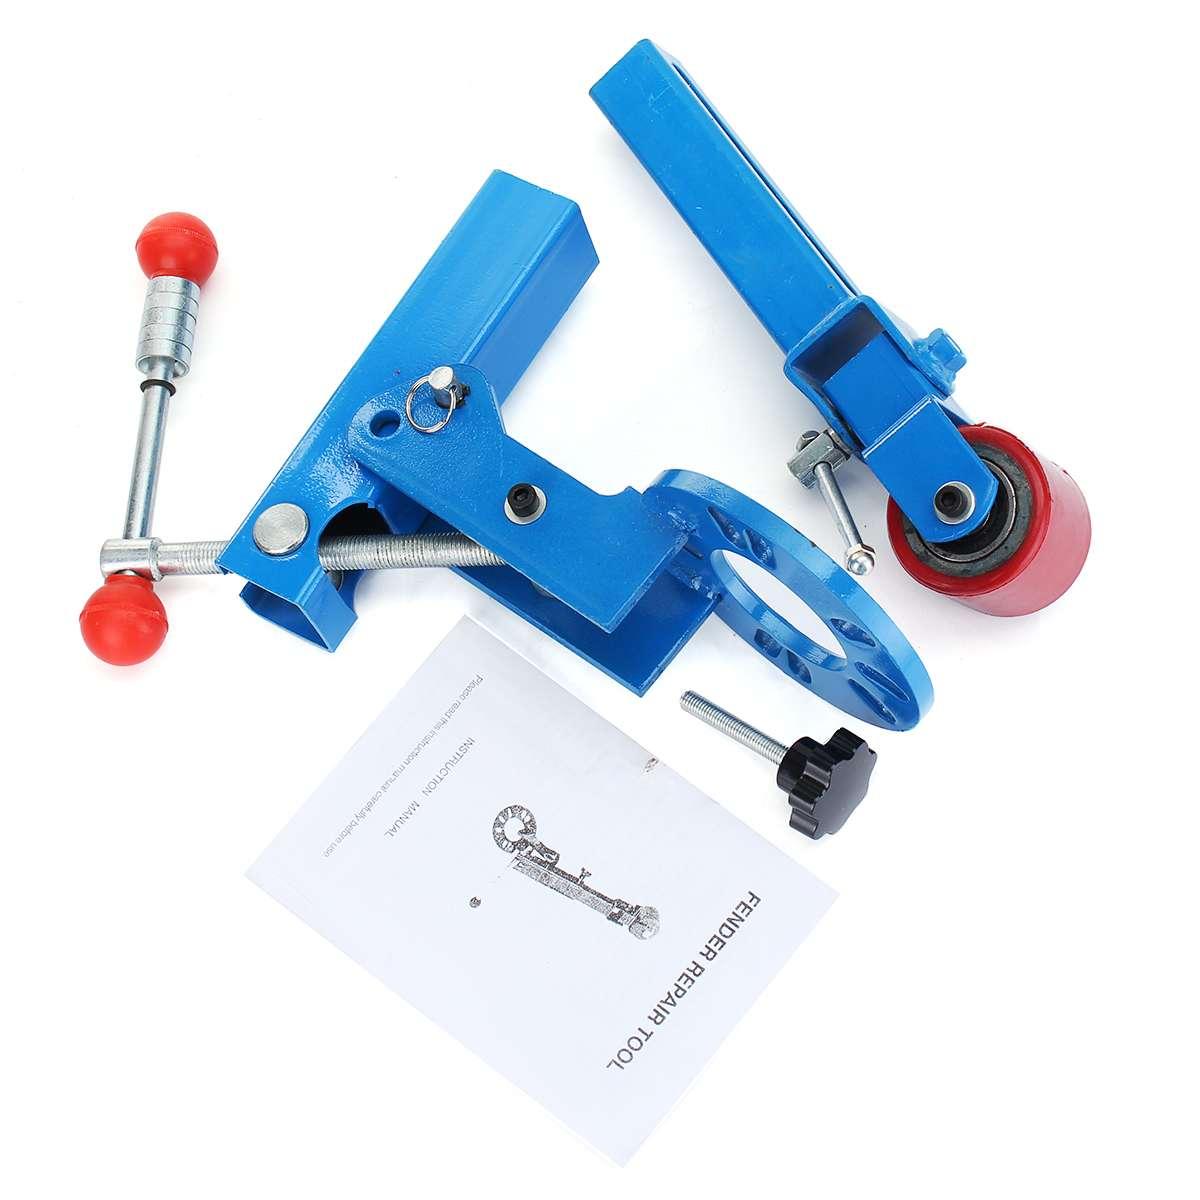 Rouleau bleu pour Fender Réforme L'extension Outil Roue Rouleau Torchage Ancien Lourd Pièces De Machines à bois - 6